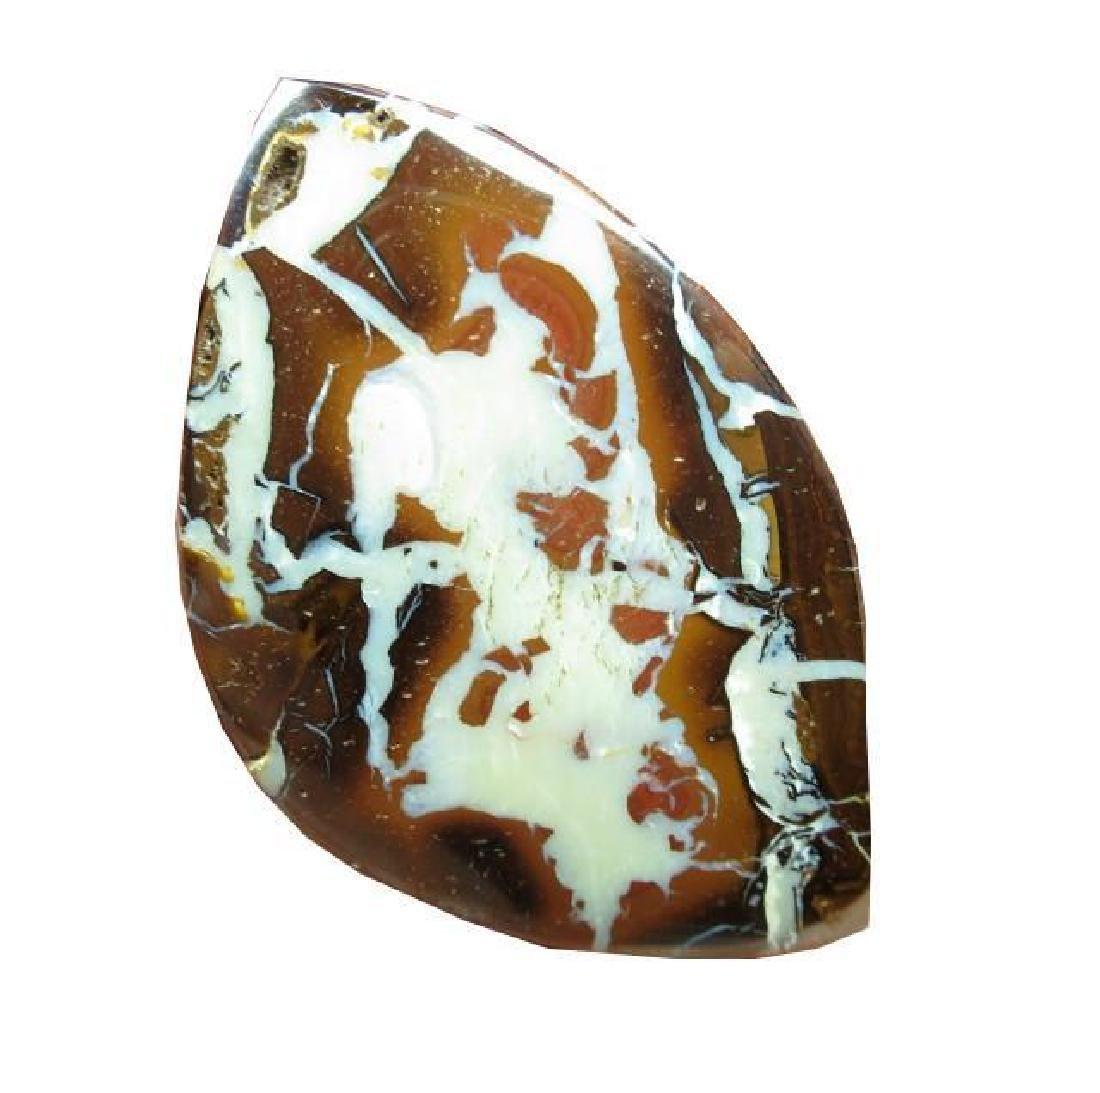 66cts.boulder Matrix Opal